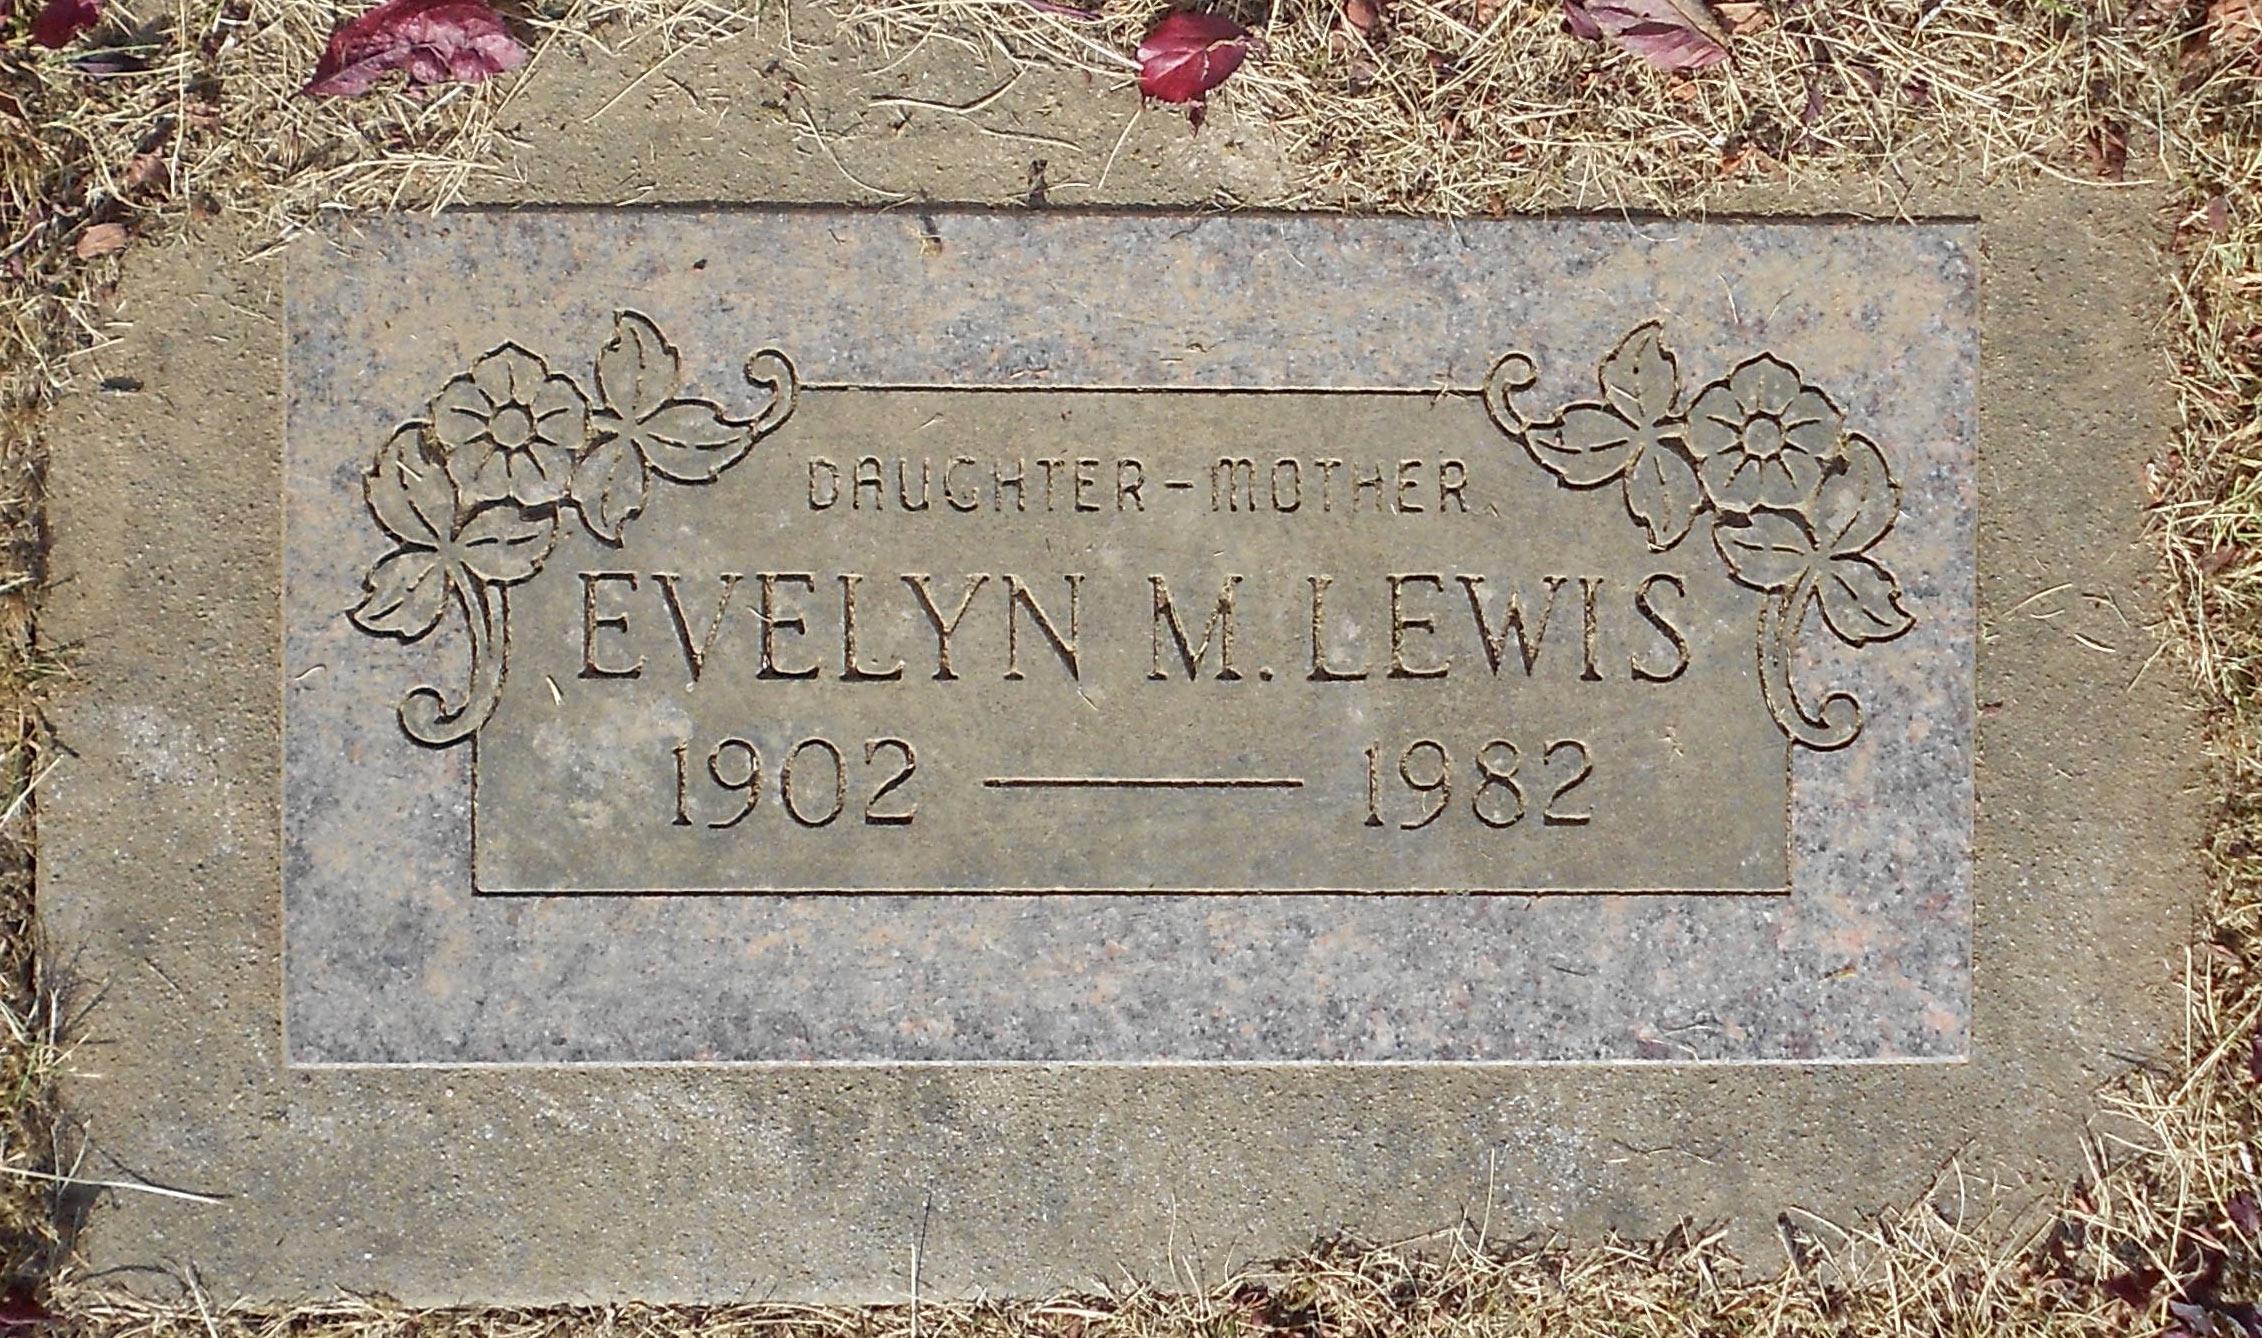 Evelyn Mabel Van Horn